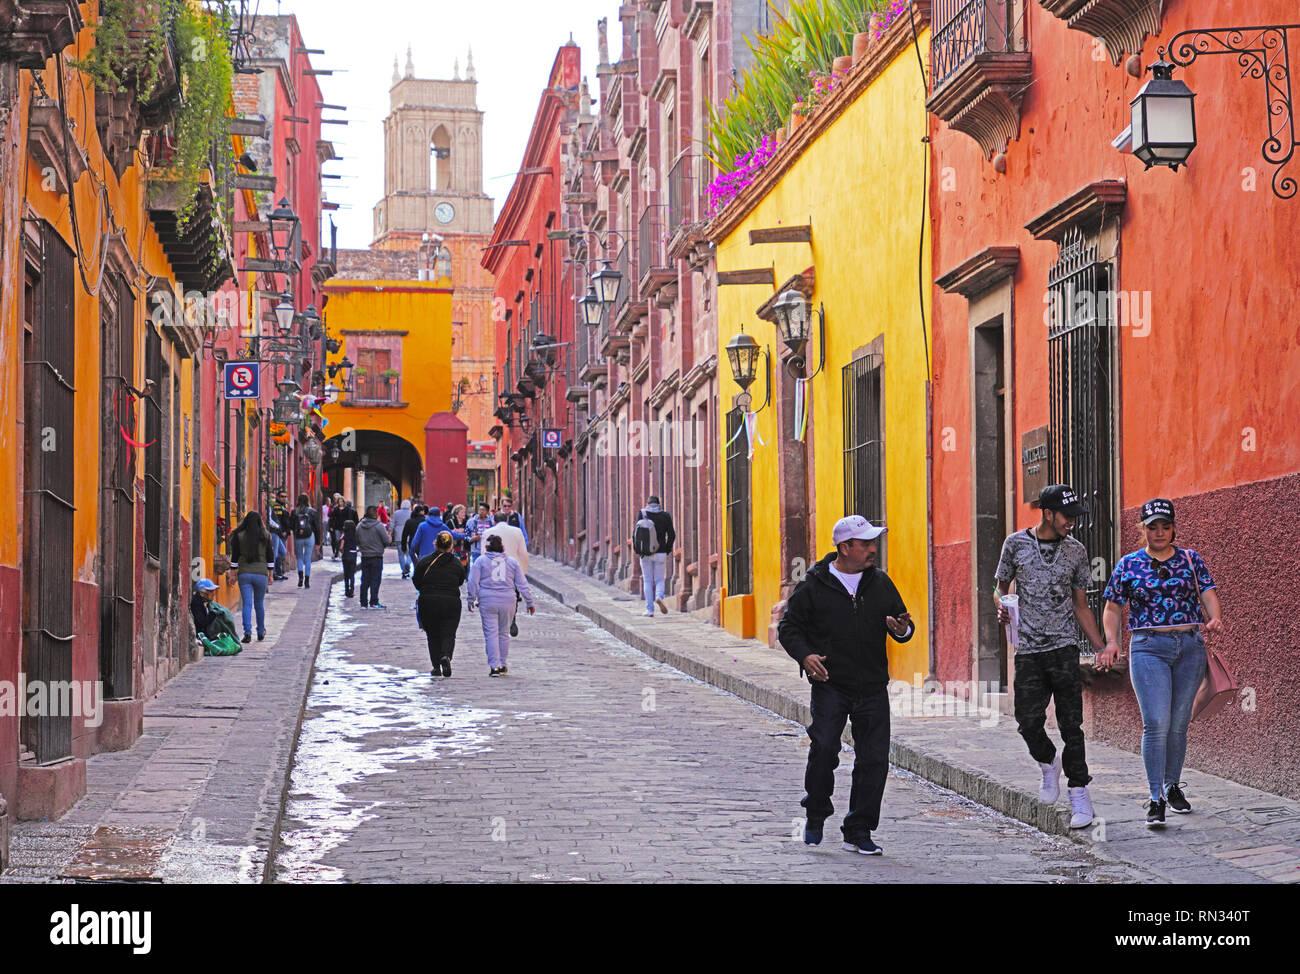 Relox street, San Miguel de Allende, Mexico - Stock Image